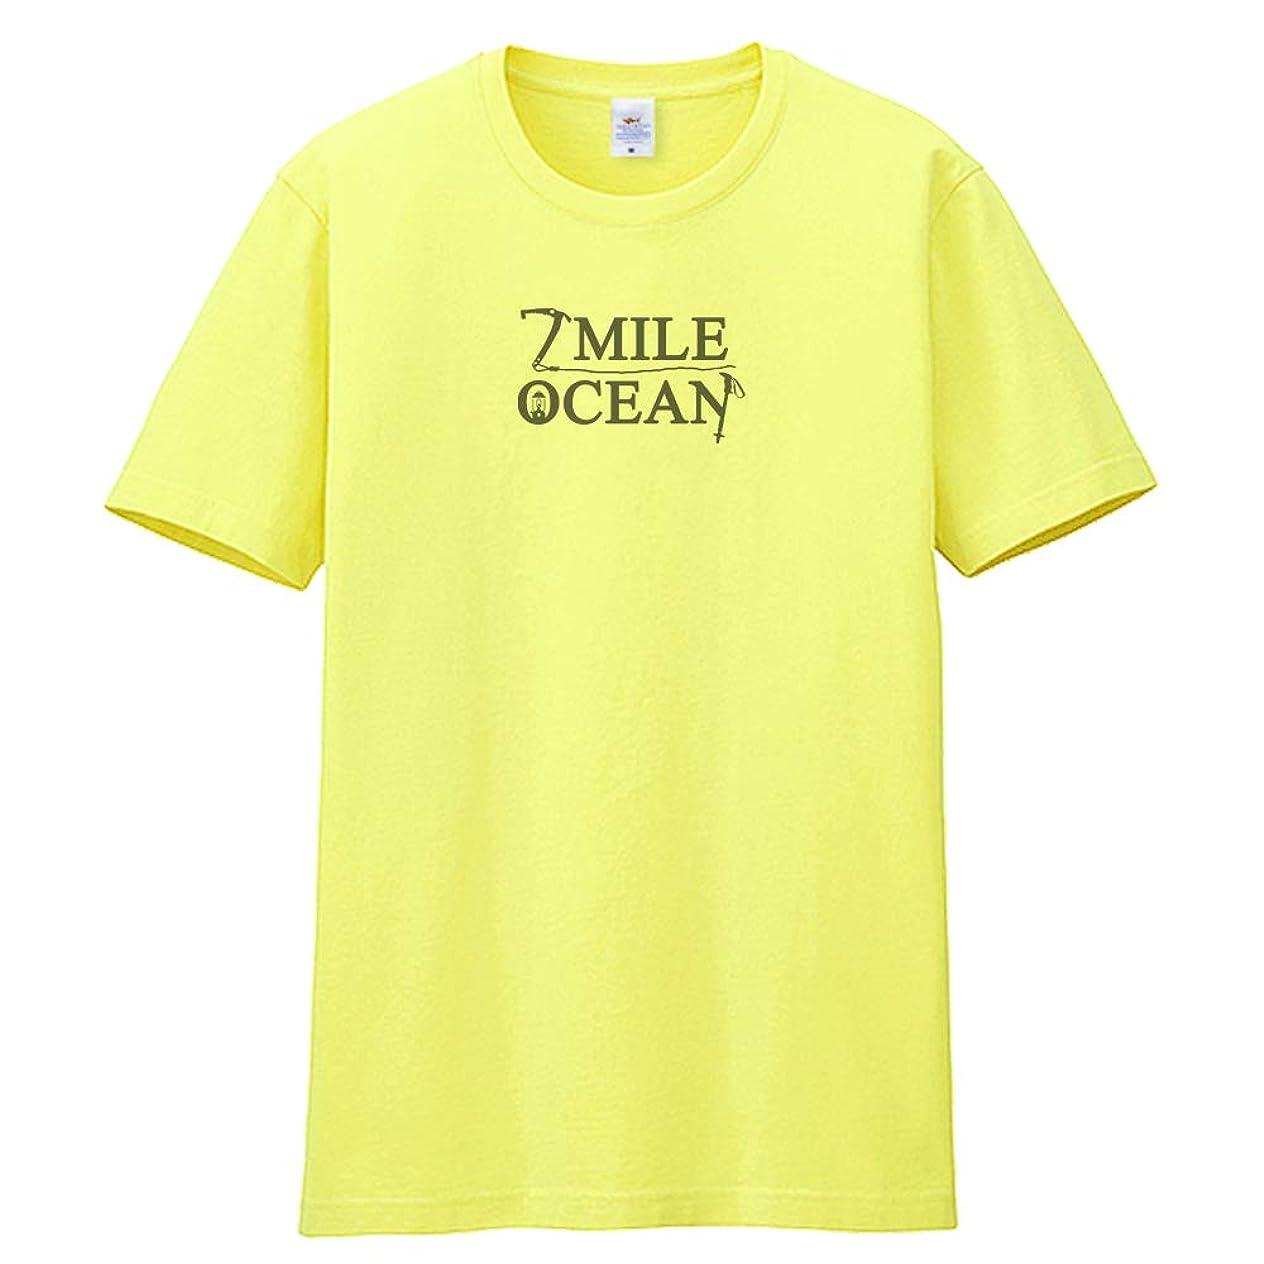 広まったファブリックコンピューター7MILE OCEAN メンズ 半袖 プリント 大雪山 マウンテン 登山 山岳 北海道 国立公園 ピッケル バックプリント 自然